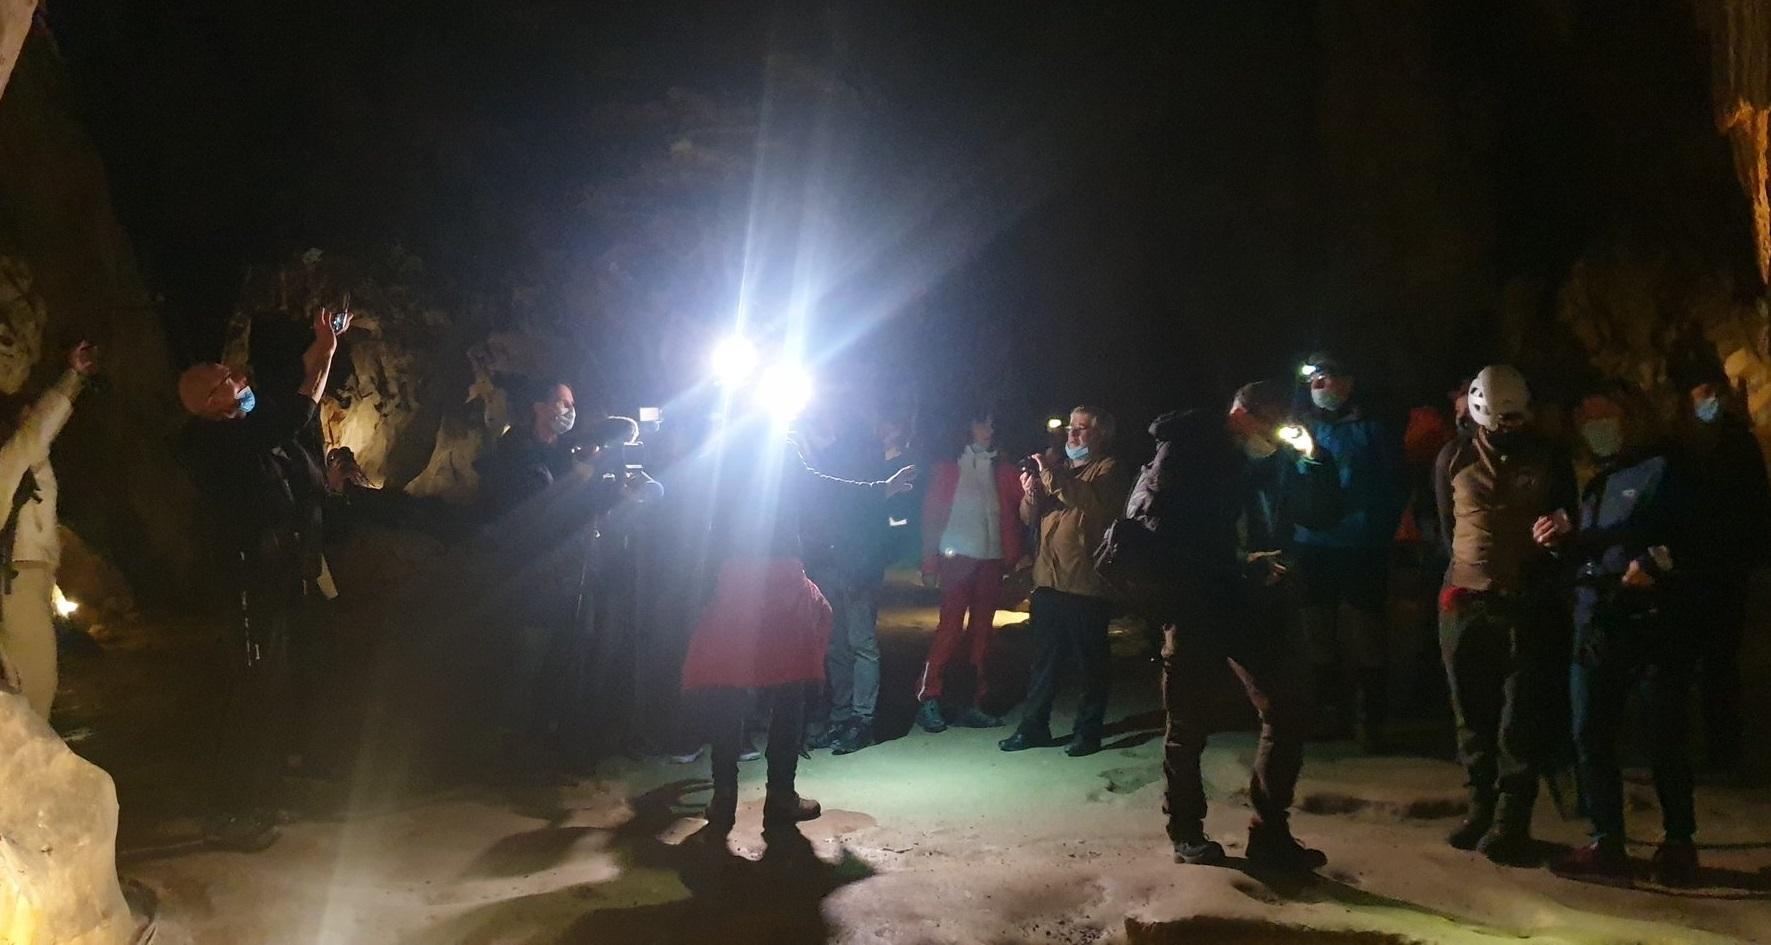 Izolați 40 de zile într-o peșteră. 15 voluntari vor să analizeze efectele carantinei Covid